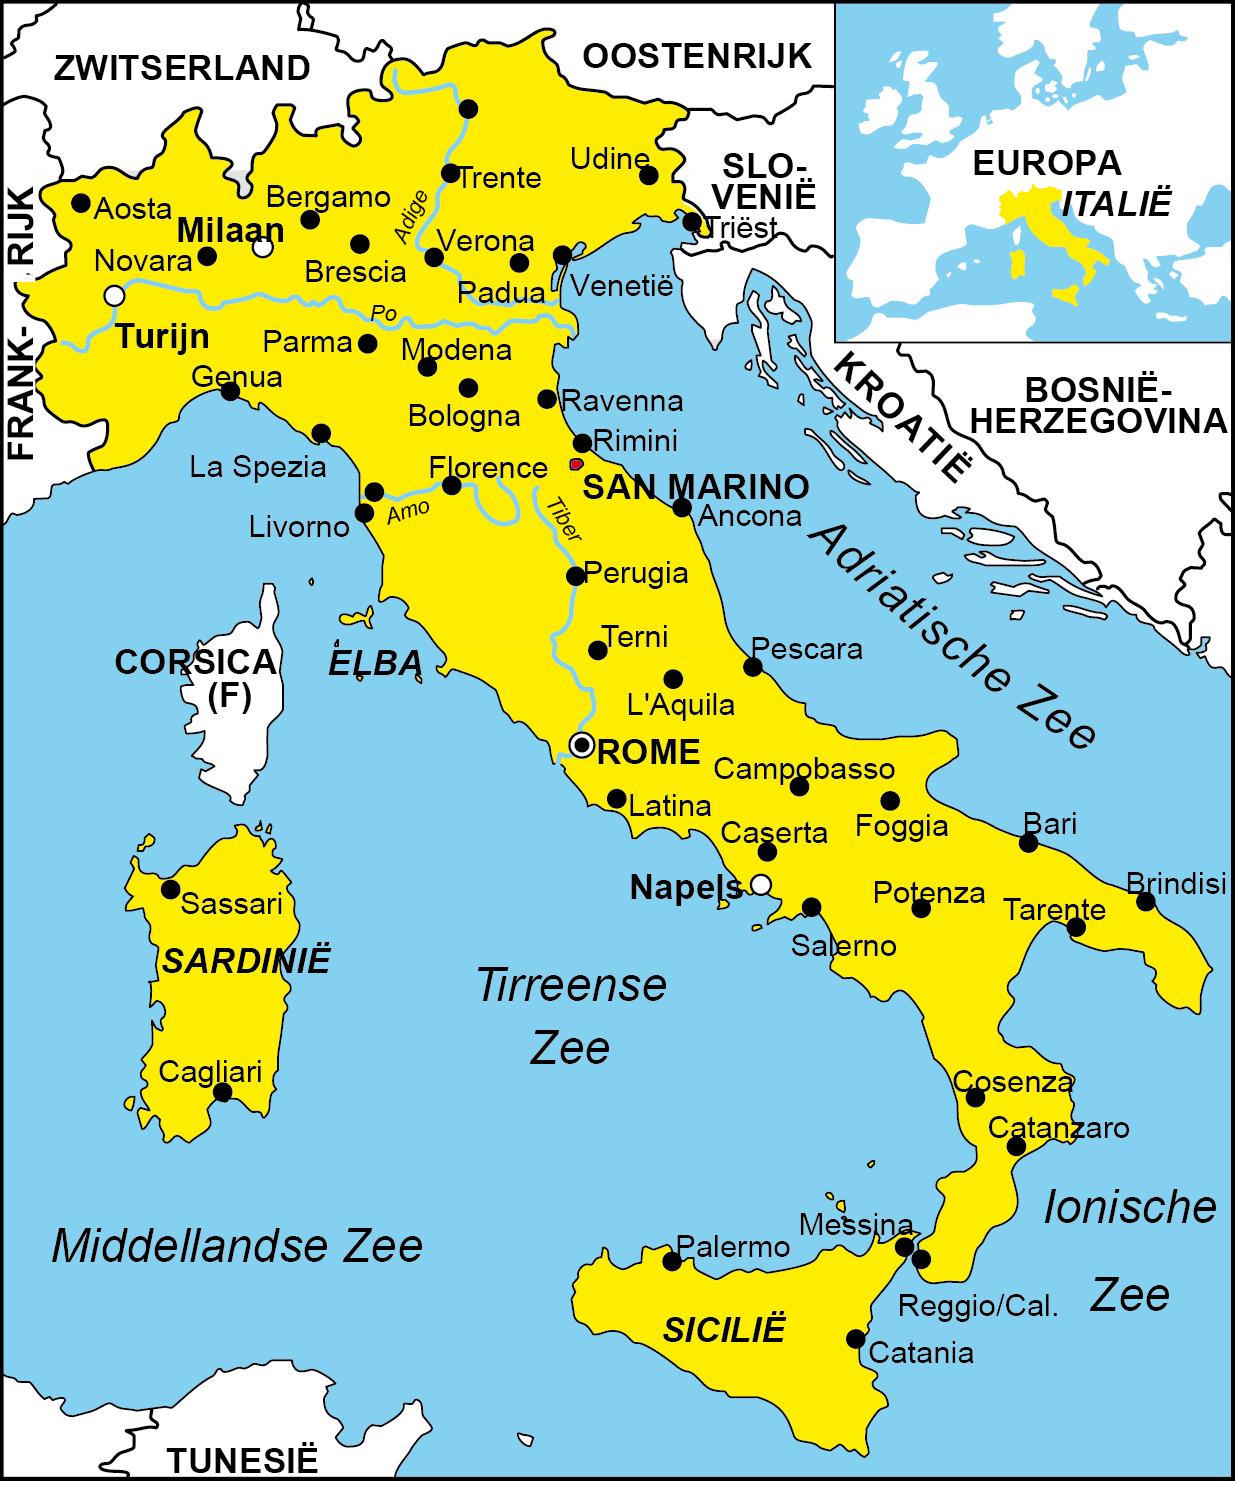 Italie Turijn Milaan Oostenrijk